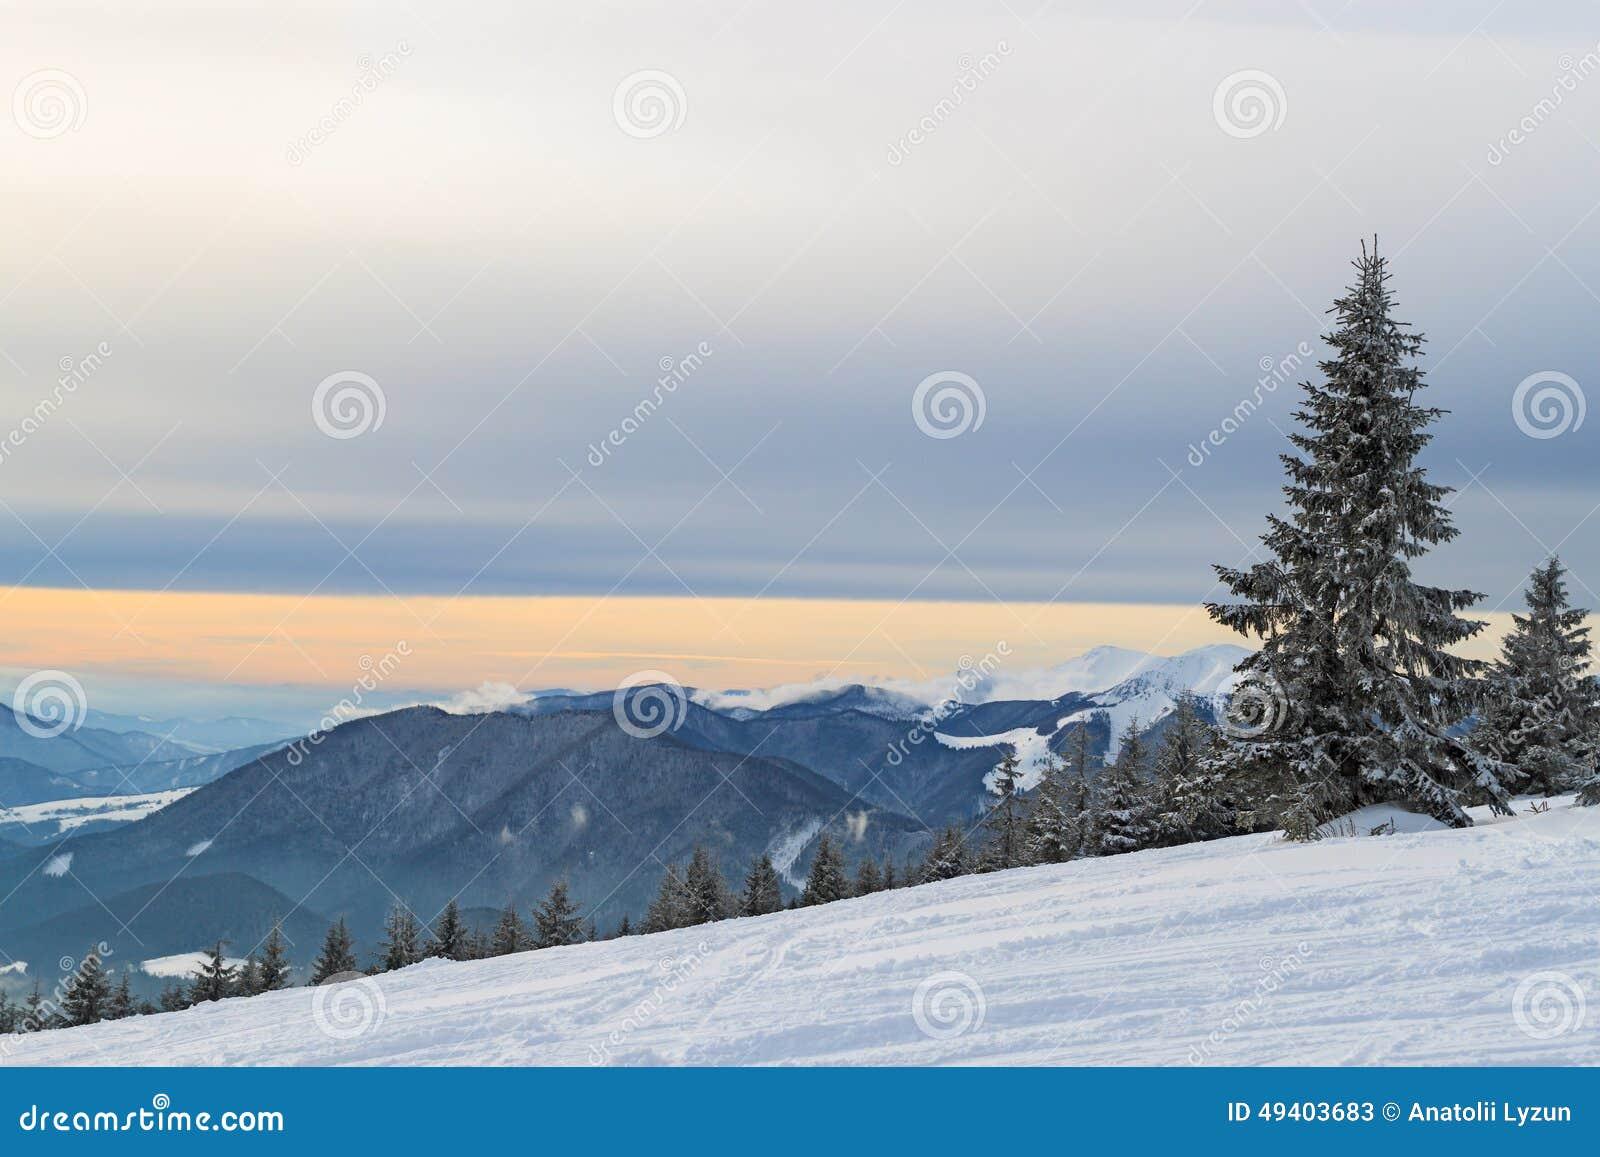 Download Alpiner Sonnenuntergang 5 stockbild. Bild von schneebedeckt - 49403683